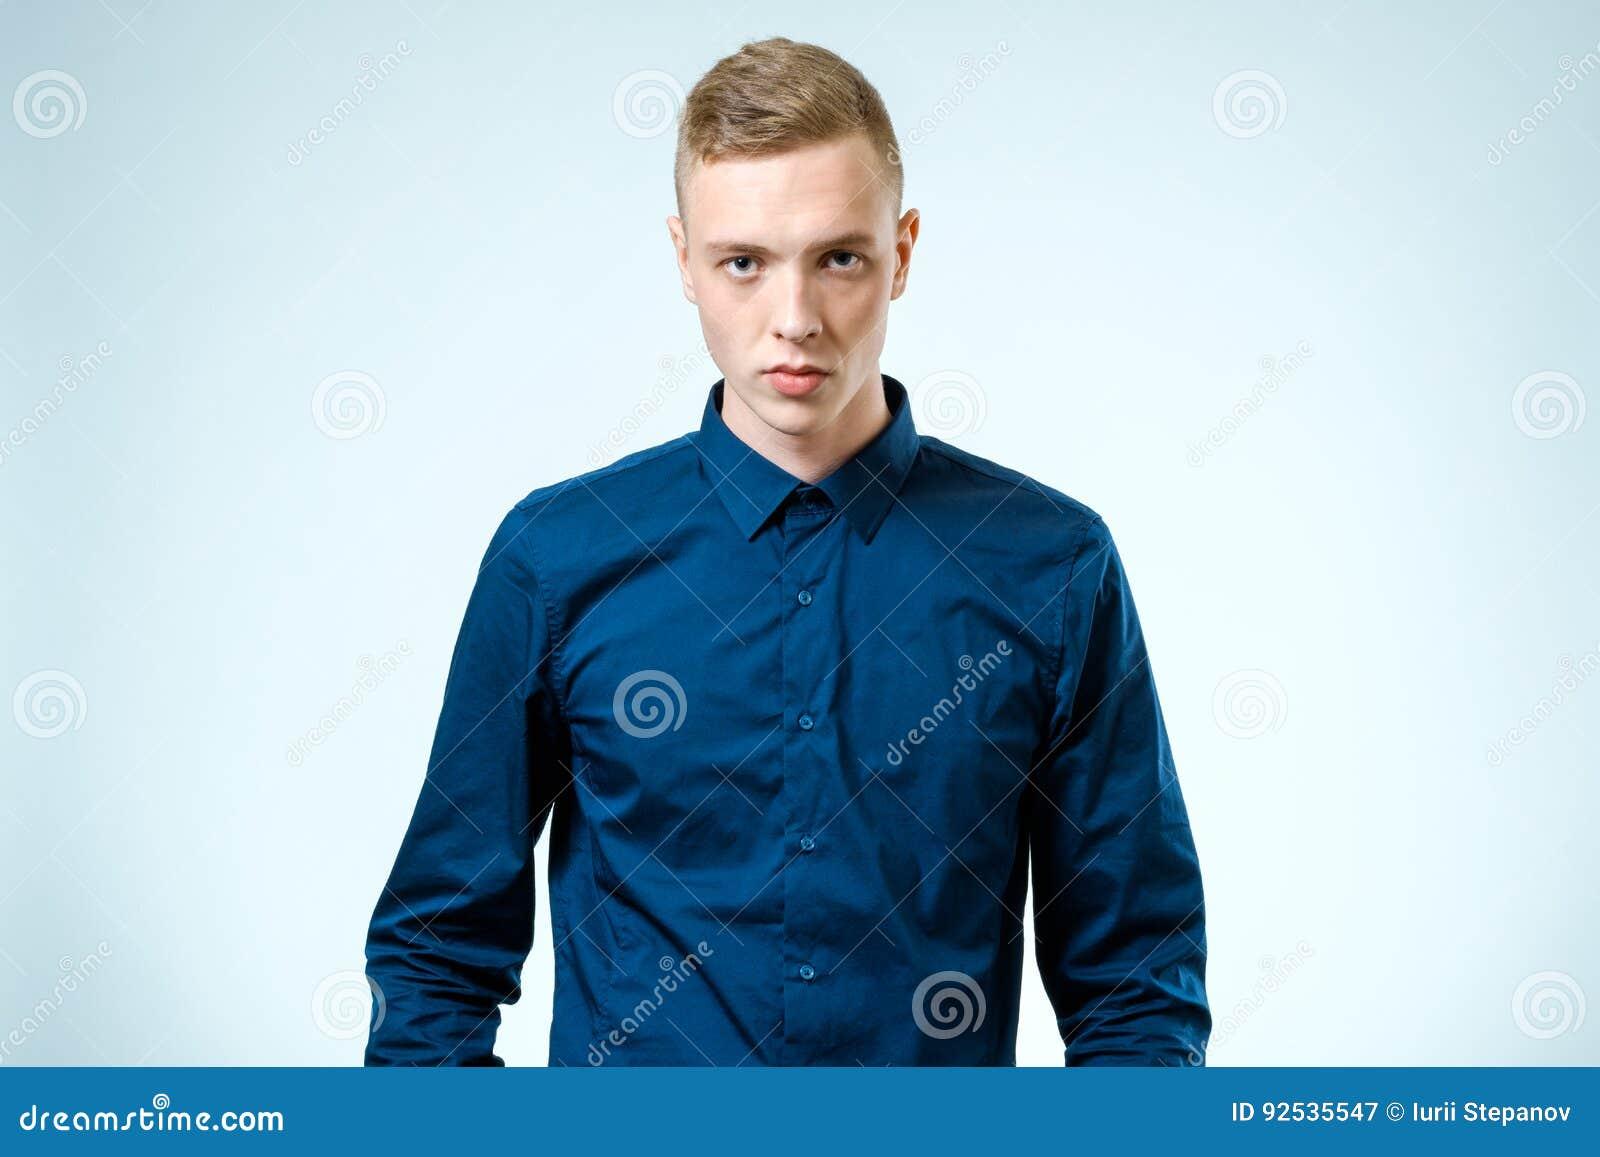 Retrato de un hombre joven confiado aislado